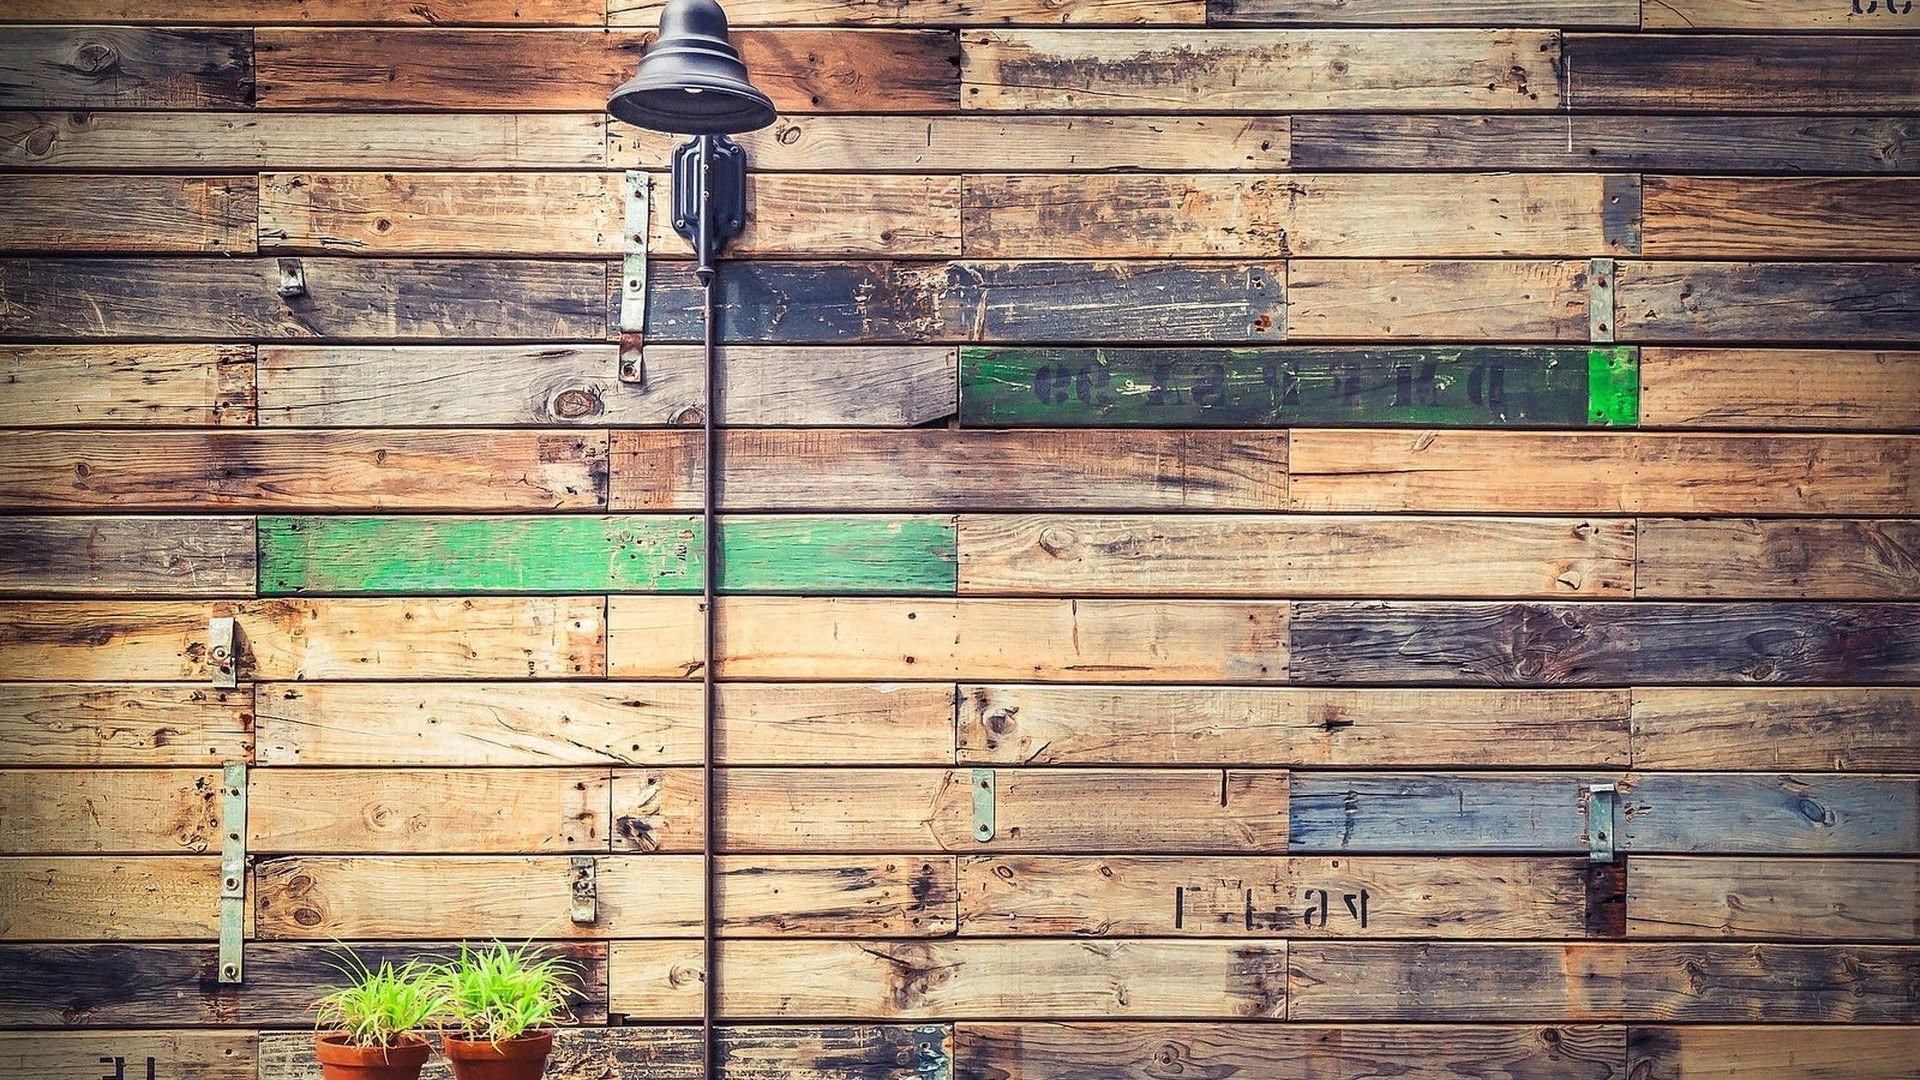 デスクトップ壁紙 木製の表面 壁 木材 数字 緑 ランプ 金属 テクスチャ 厚板 爪 植木鉢 レンガ 色 設計 ライン 広葉樹 19x1080 Px 床材 木製フローリング 木目 19x1080 Coolwallpapers デスクトップ壁紙 Wallhere